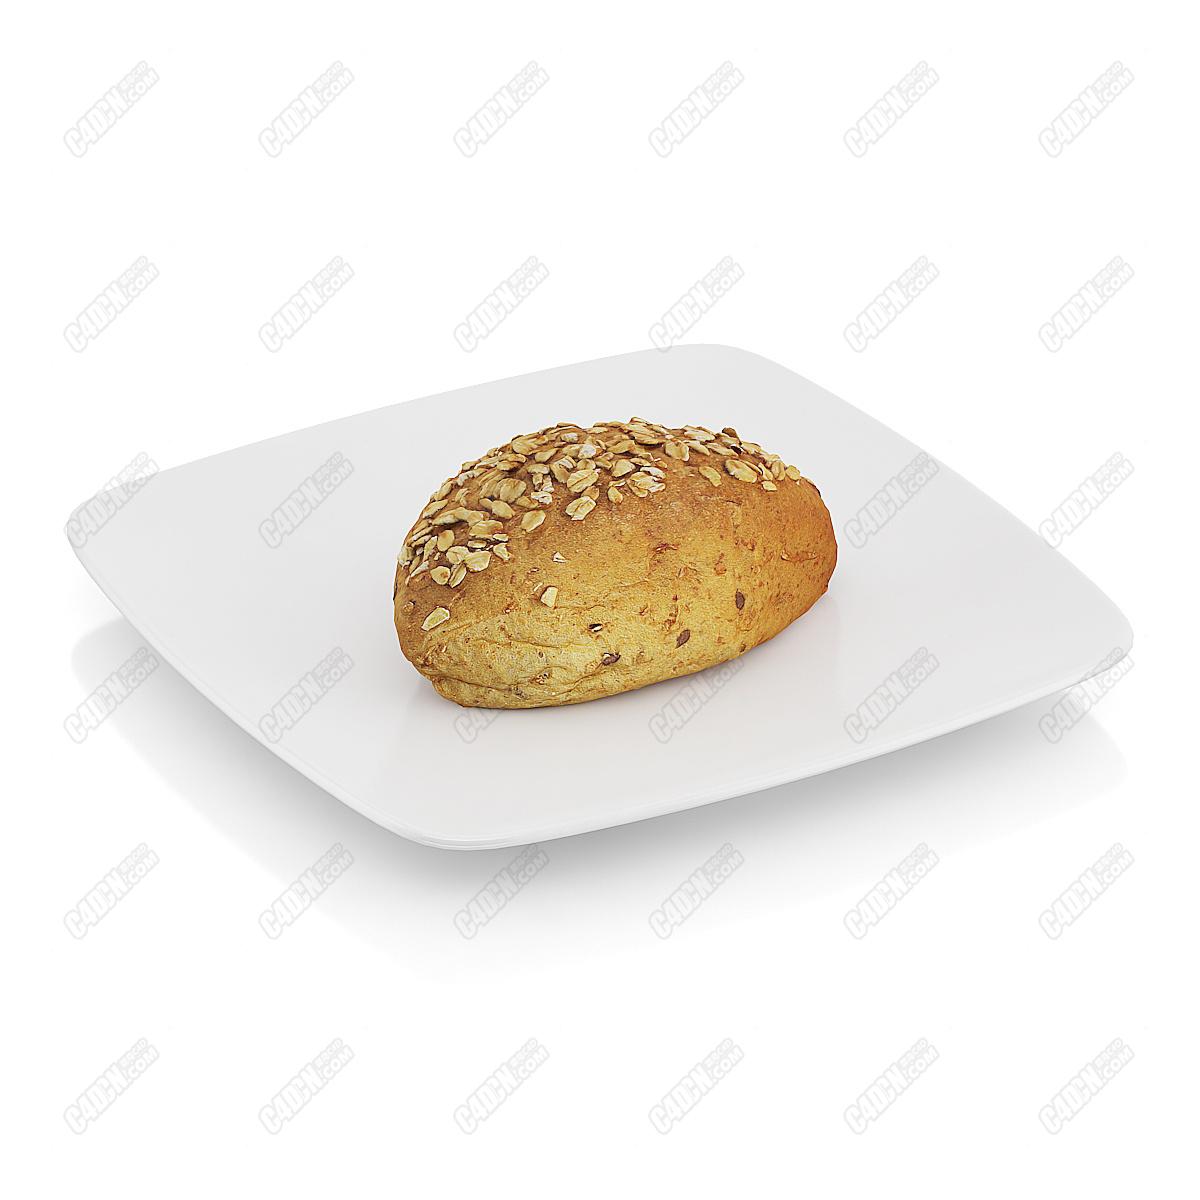 C4D模型-大粒饱满瓜子仁烘焙面包早餐食品模型(包含材质和贴图)